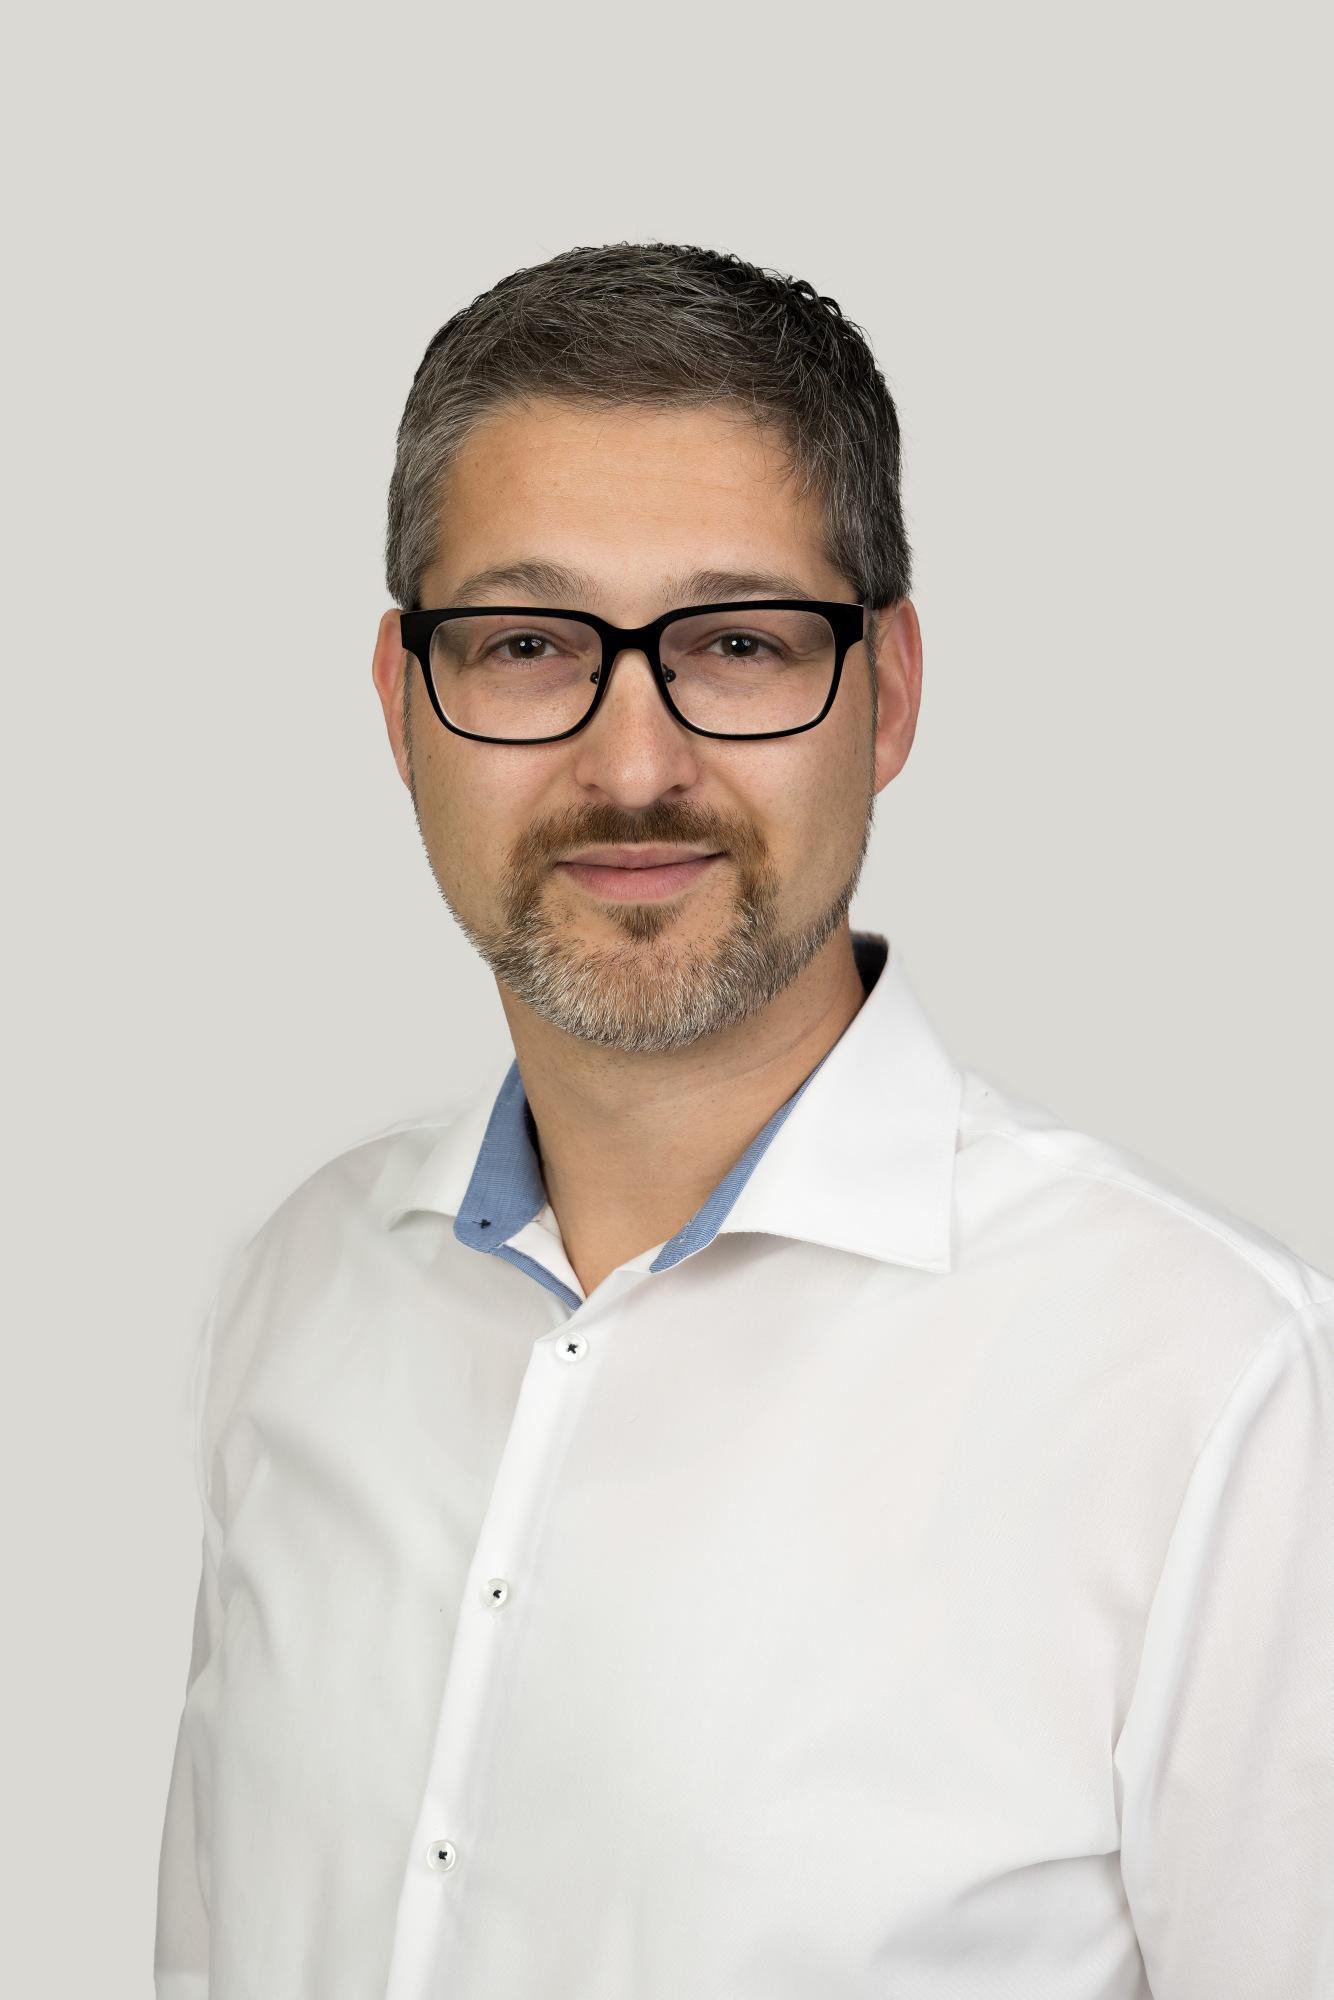 Abbildung von Dennis Stötzer